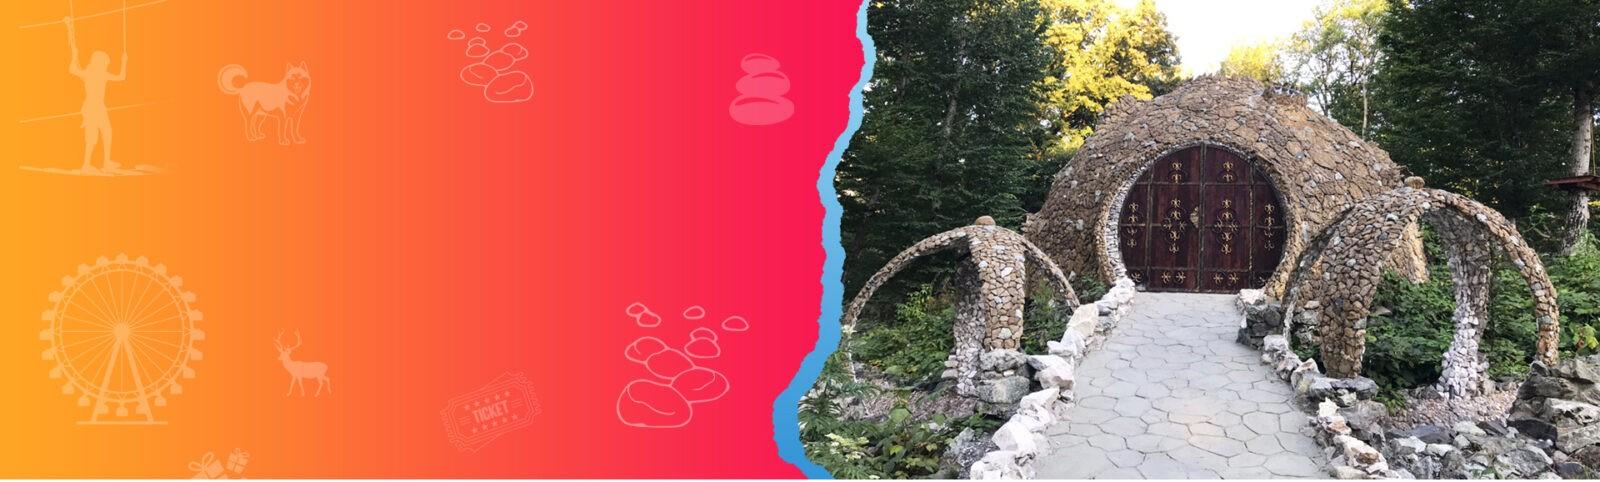 Скоро открытие «Музей Камней» в парке «ПИК 701»